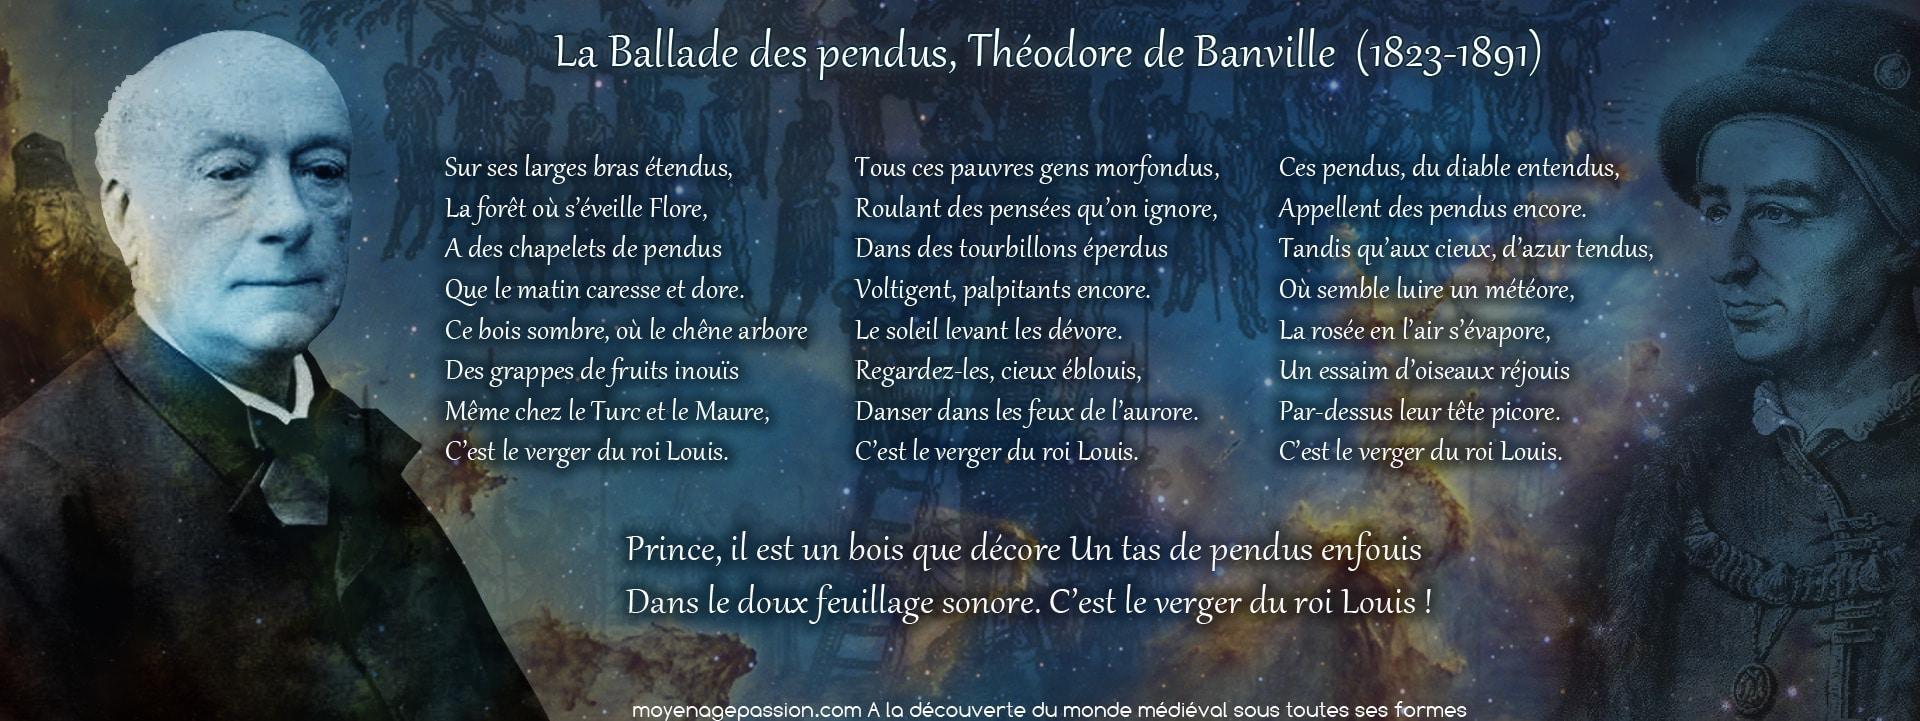 ballade_medievale_poesie_moyen-age_louis_XI_theodore_de_banville_gringoire_francois_villon_ballade_des_pendus